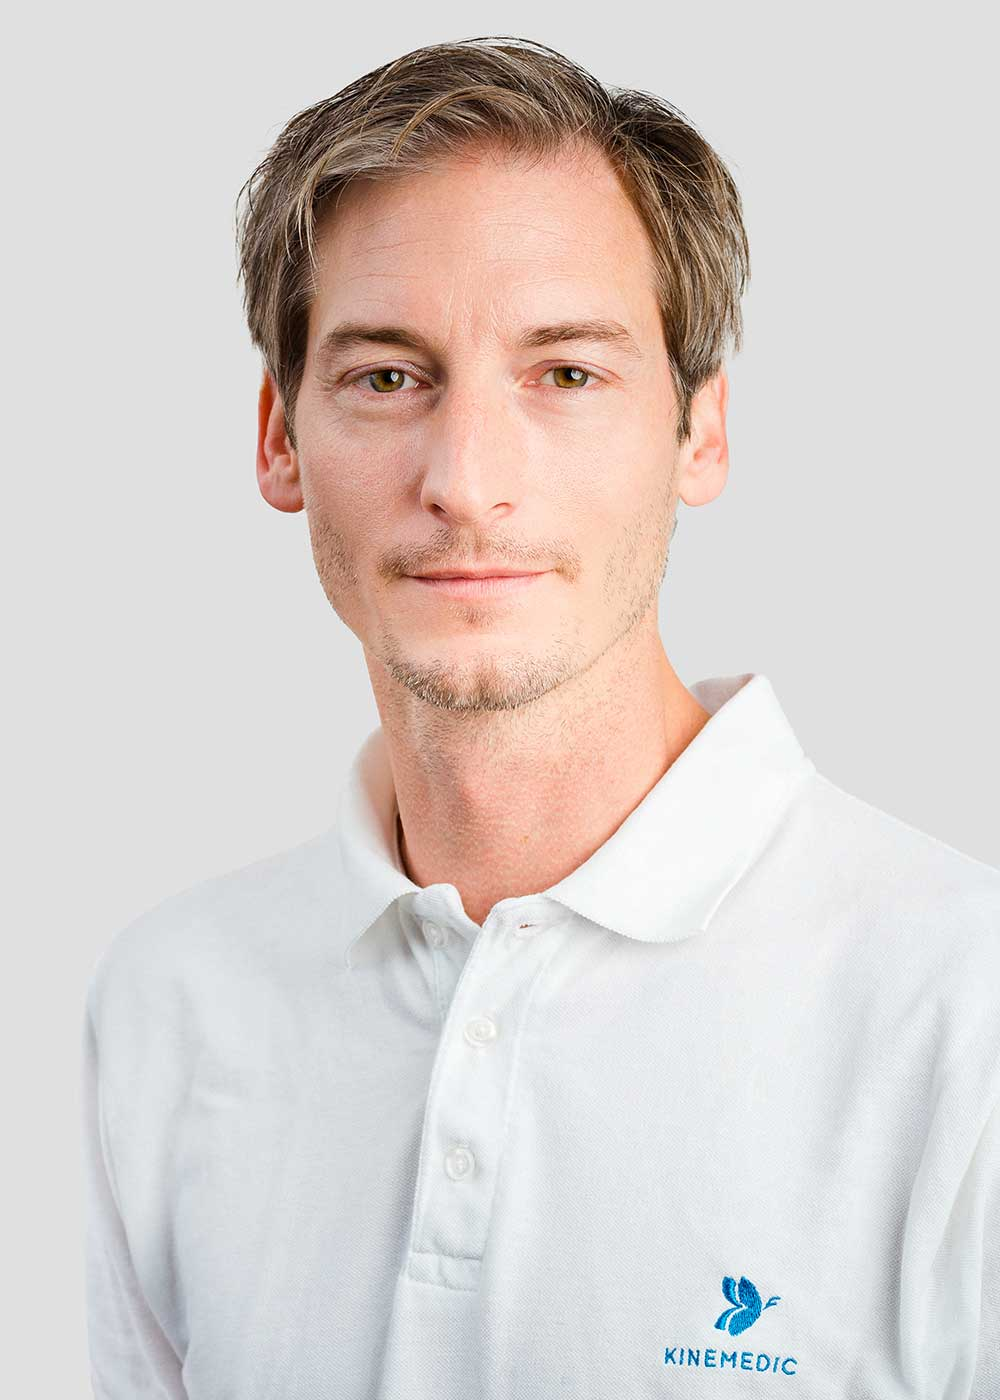 Stefan Taibel